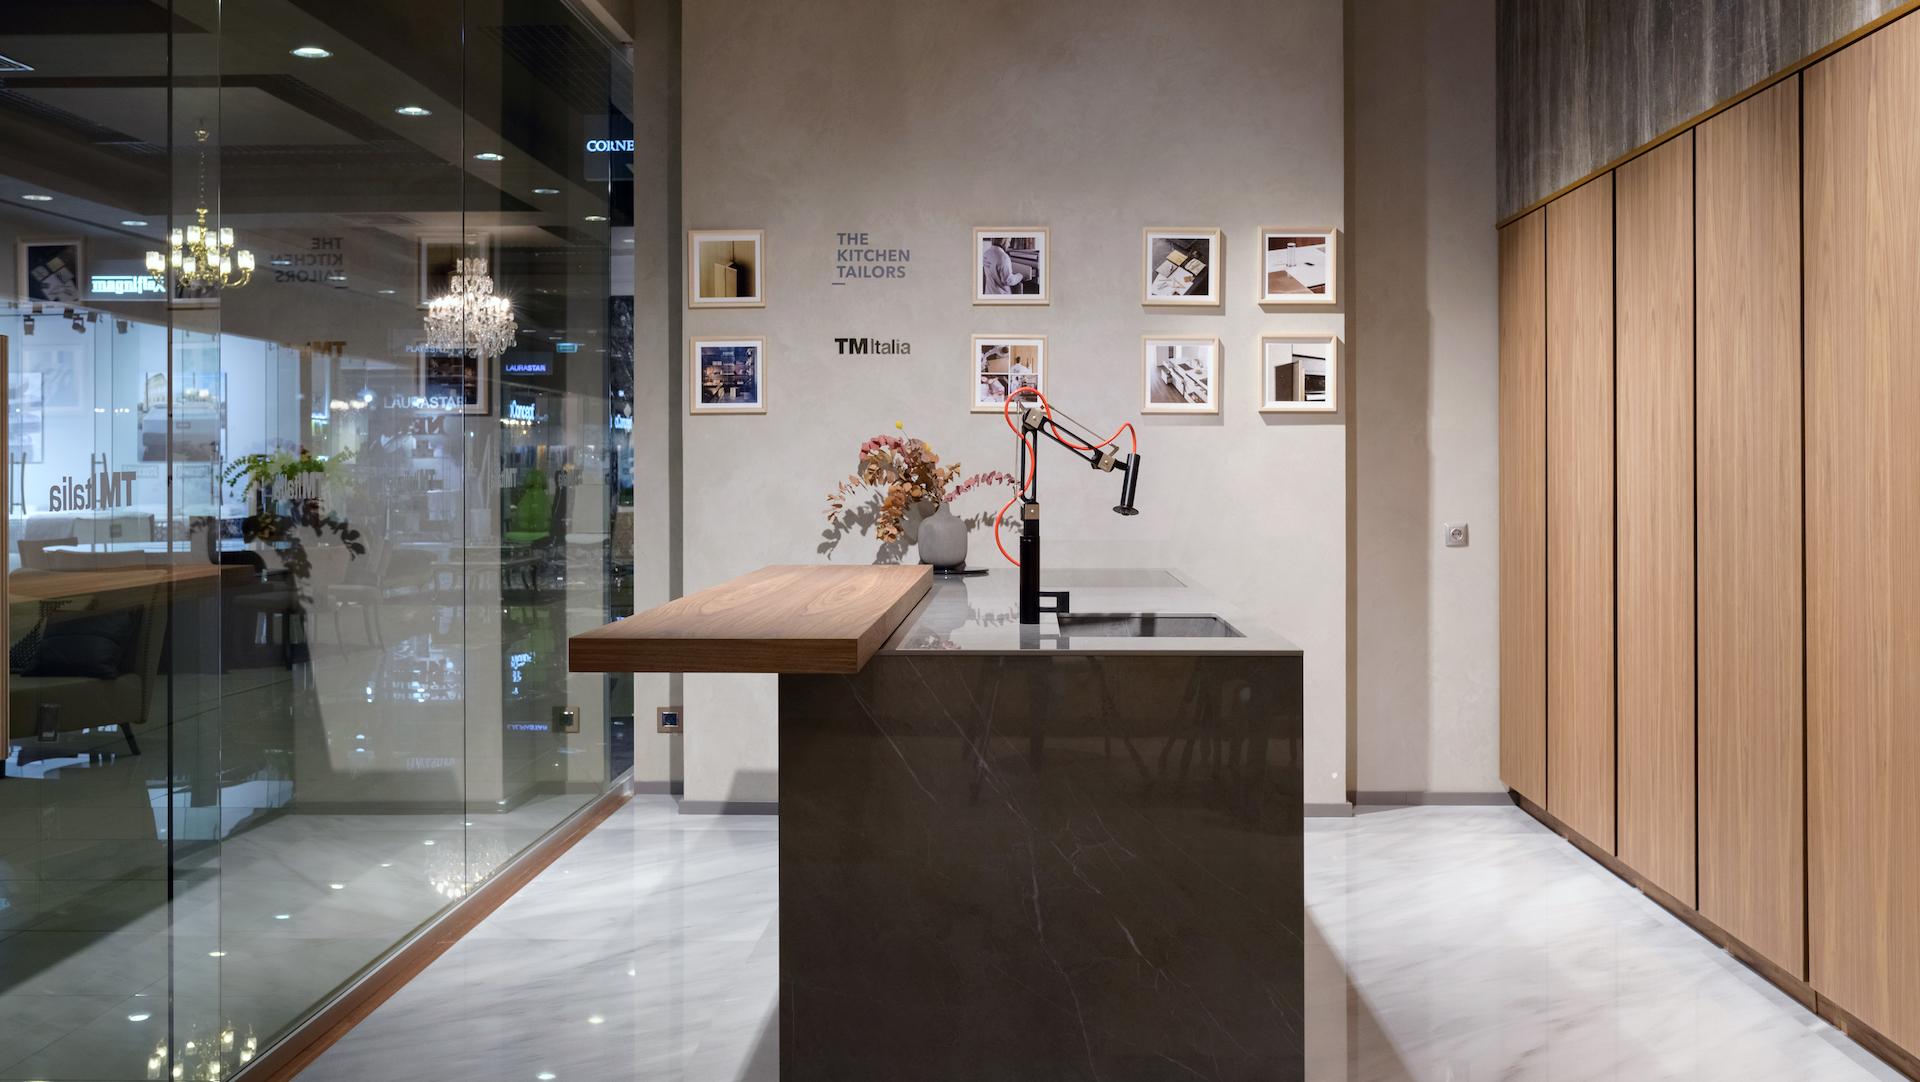 201910 - Cucina con isola e colonne in Noce Canaletto - Cucine su Misura | TM Italia Cucine - TMItalia_Kiev_T45-D90_Gallery03